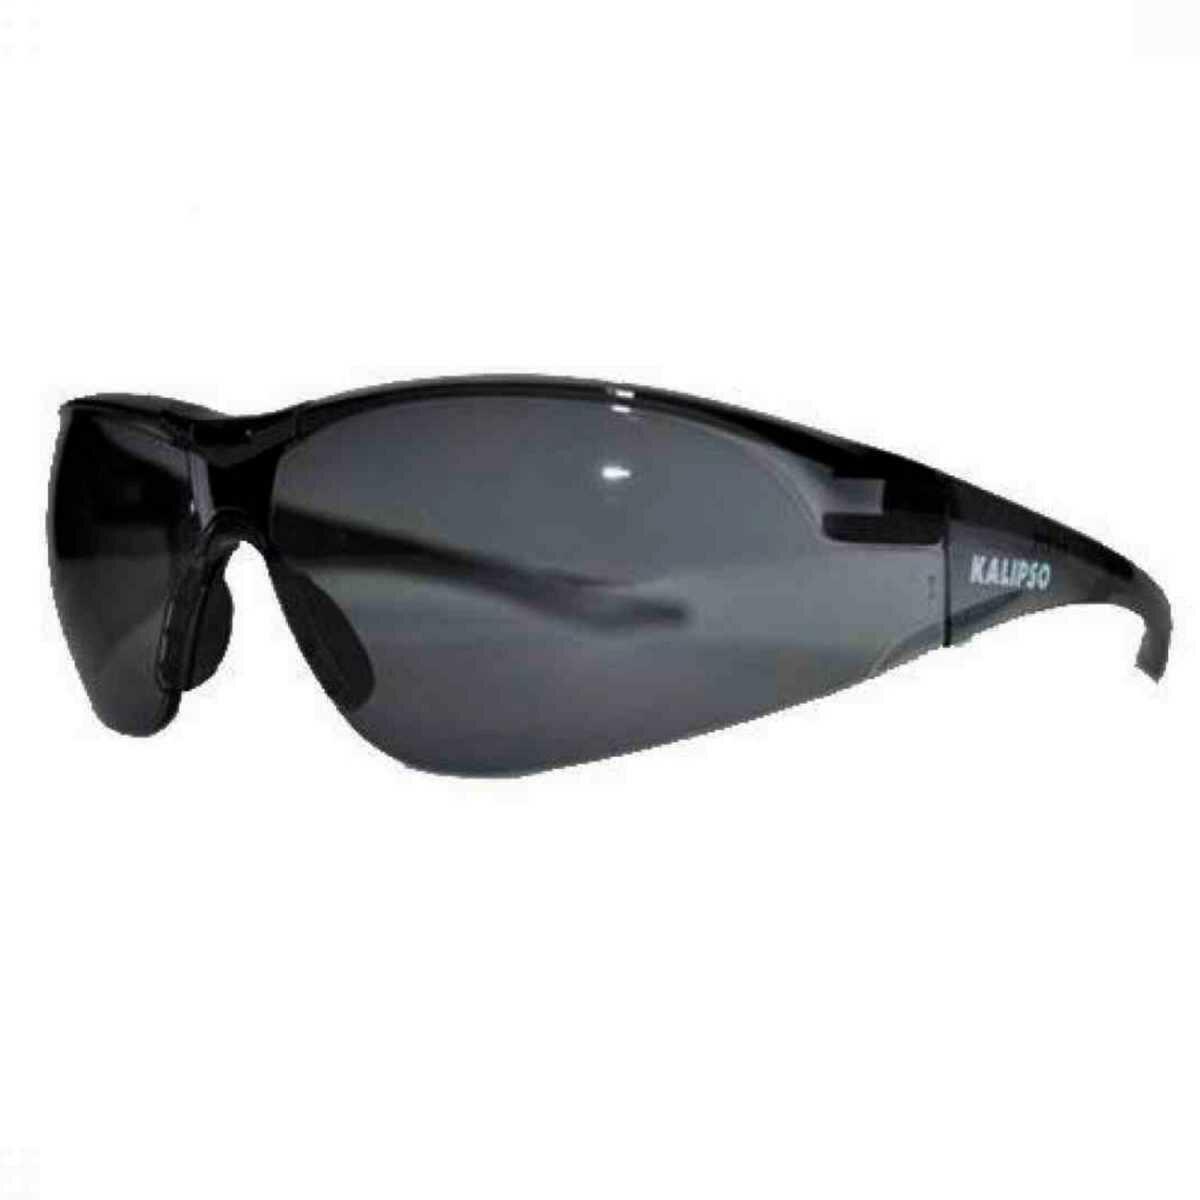 Óculos de Proteção Cinza Bali Kalipso